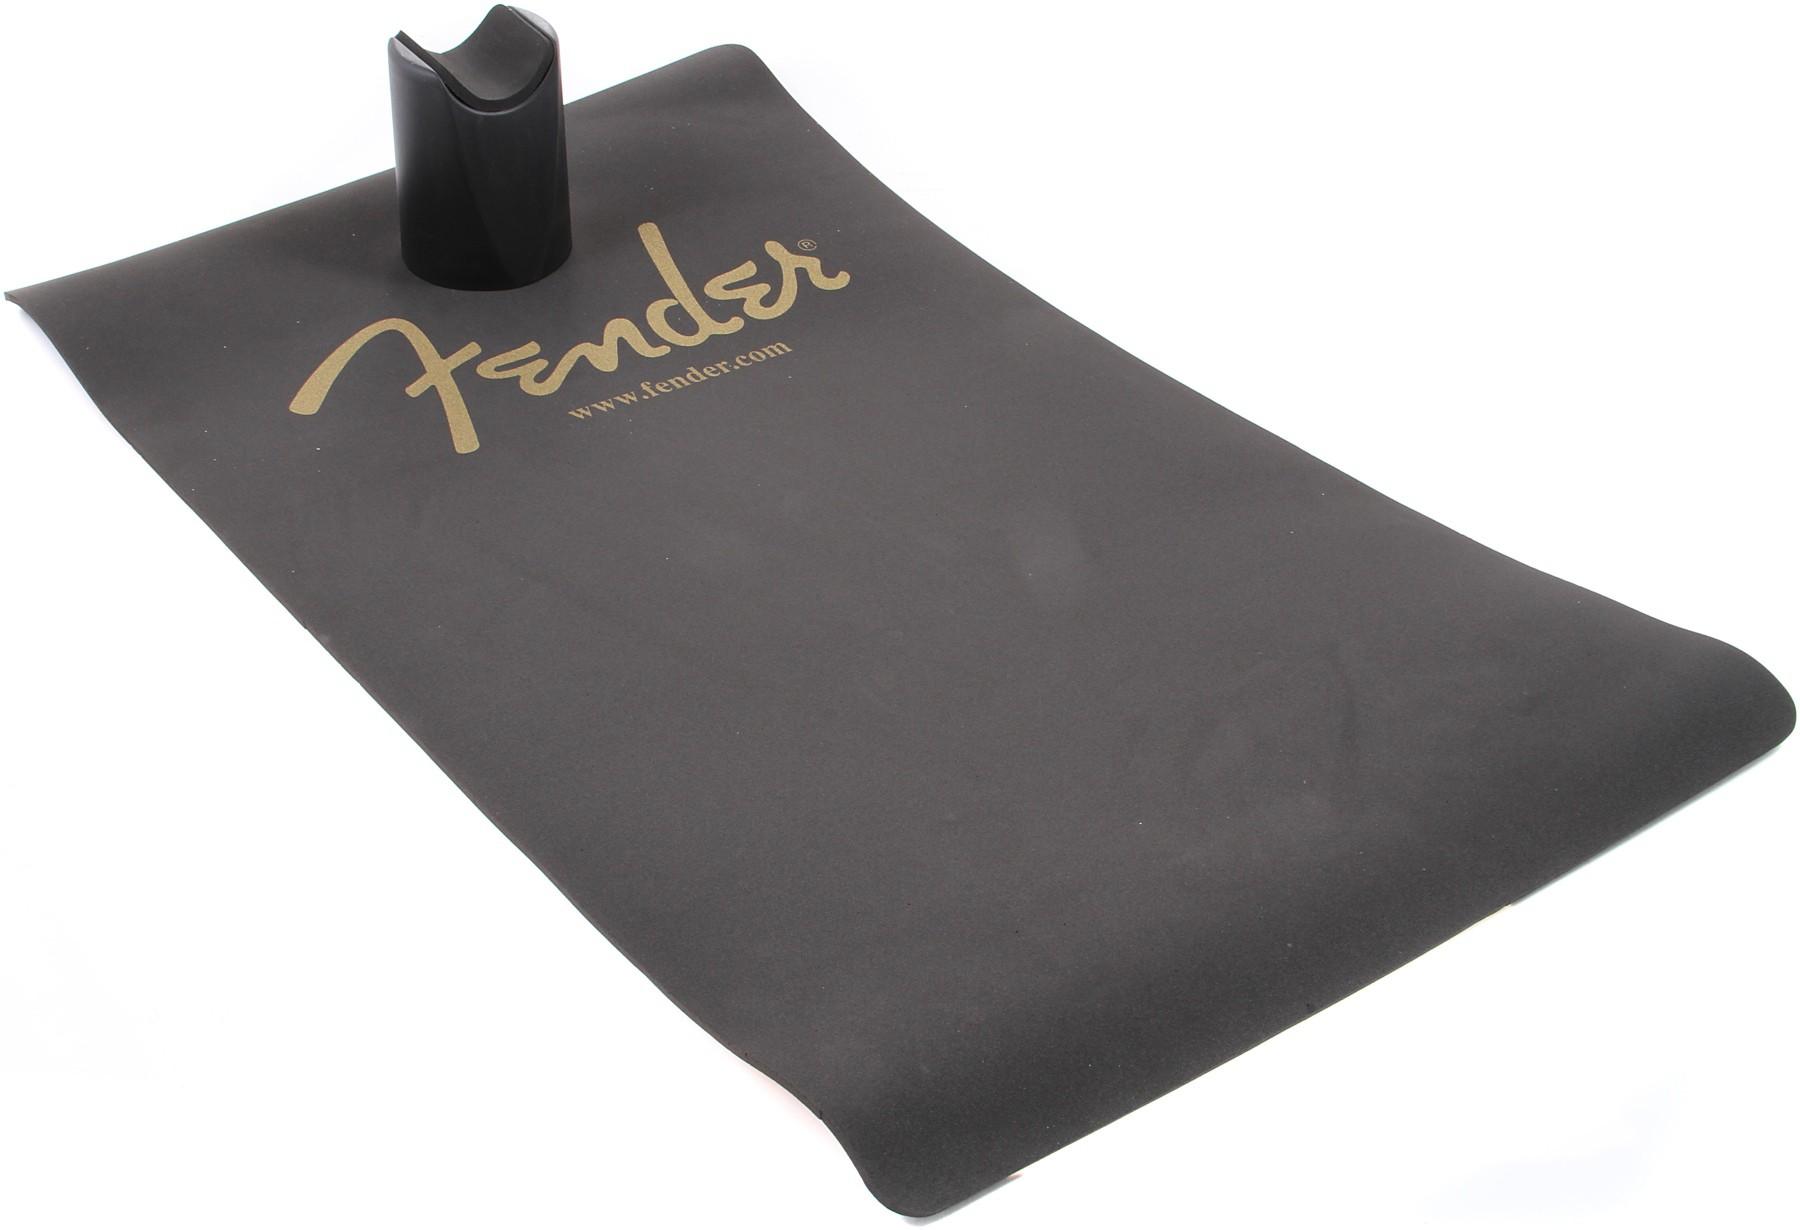 Fender Guitar Workstation